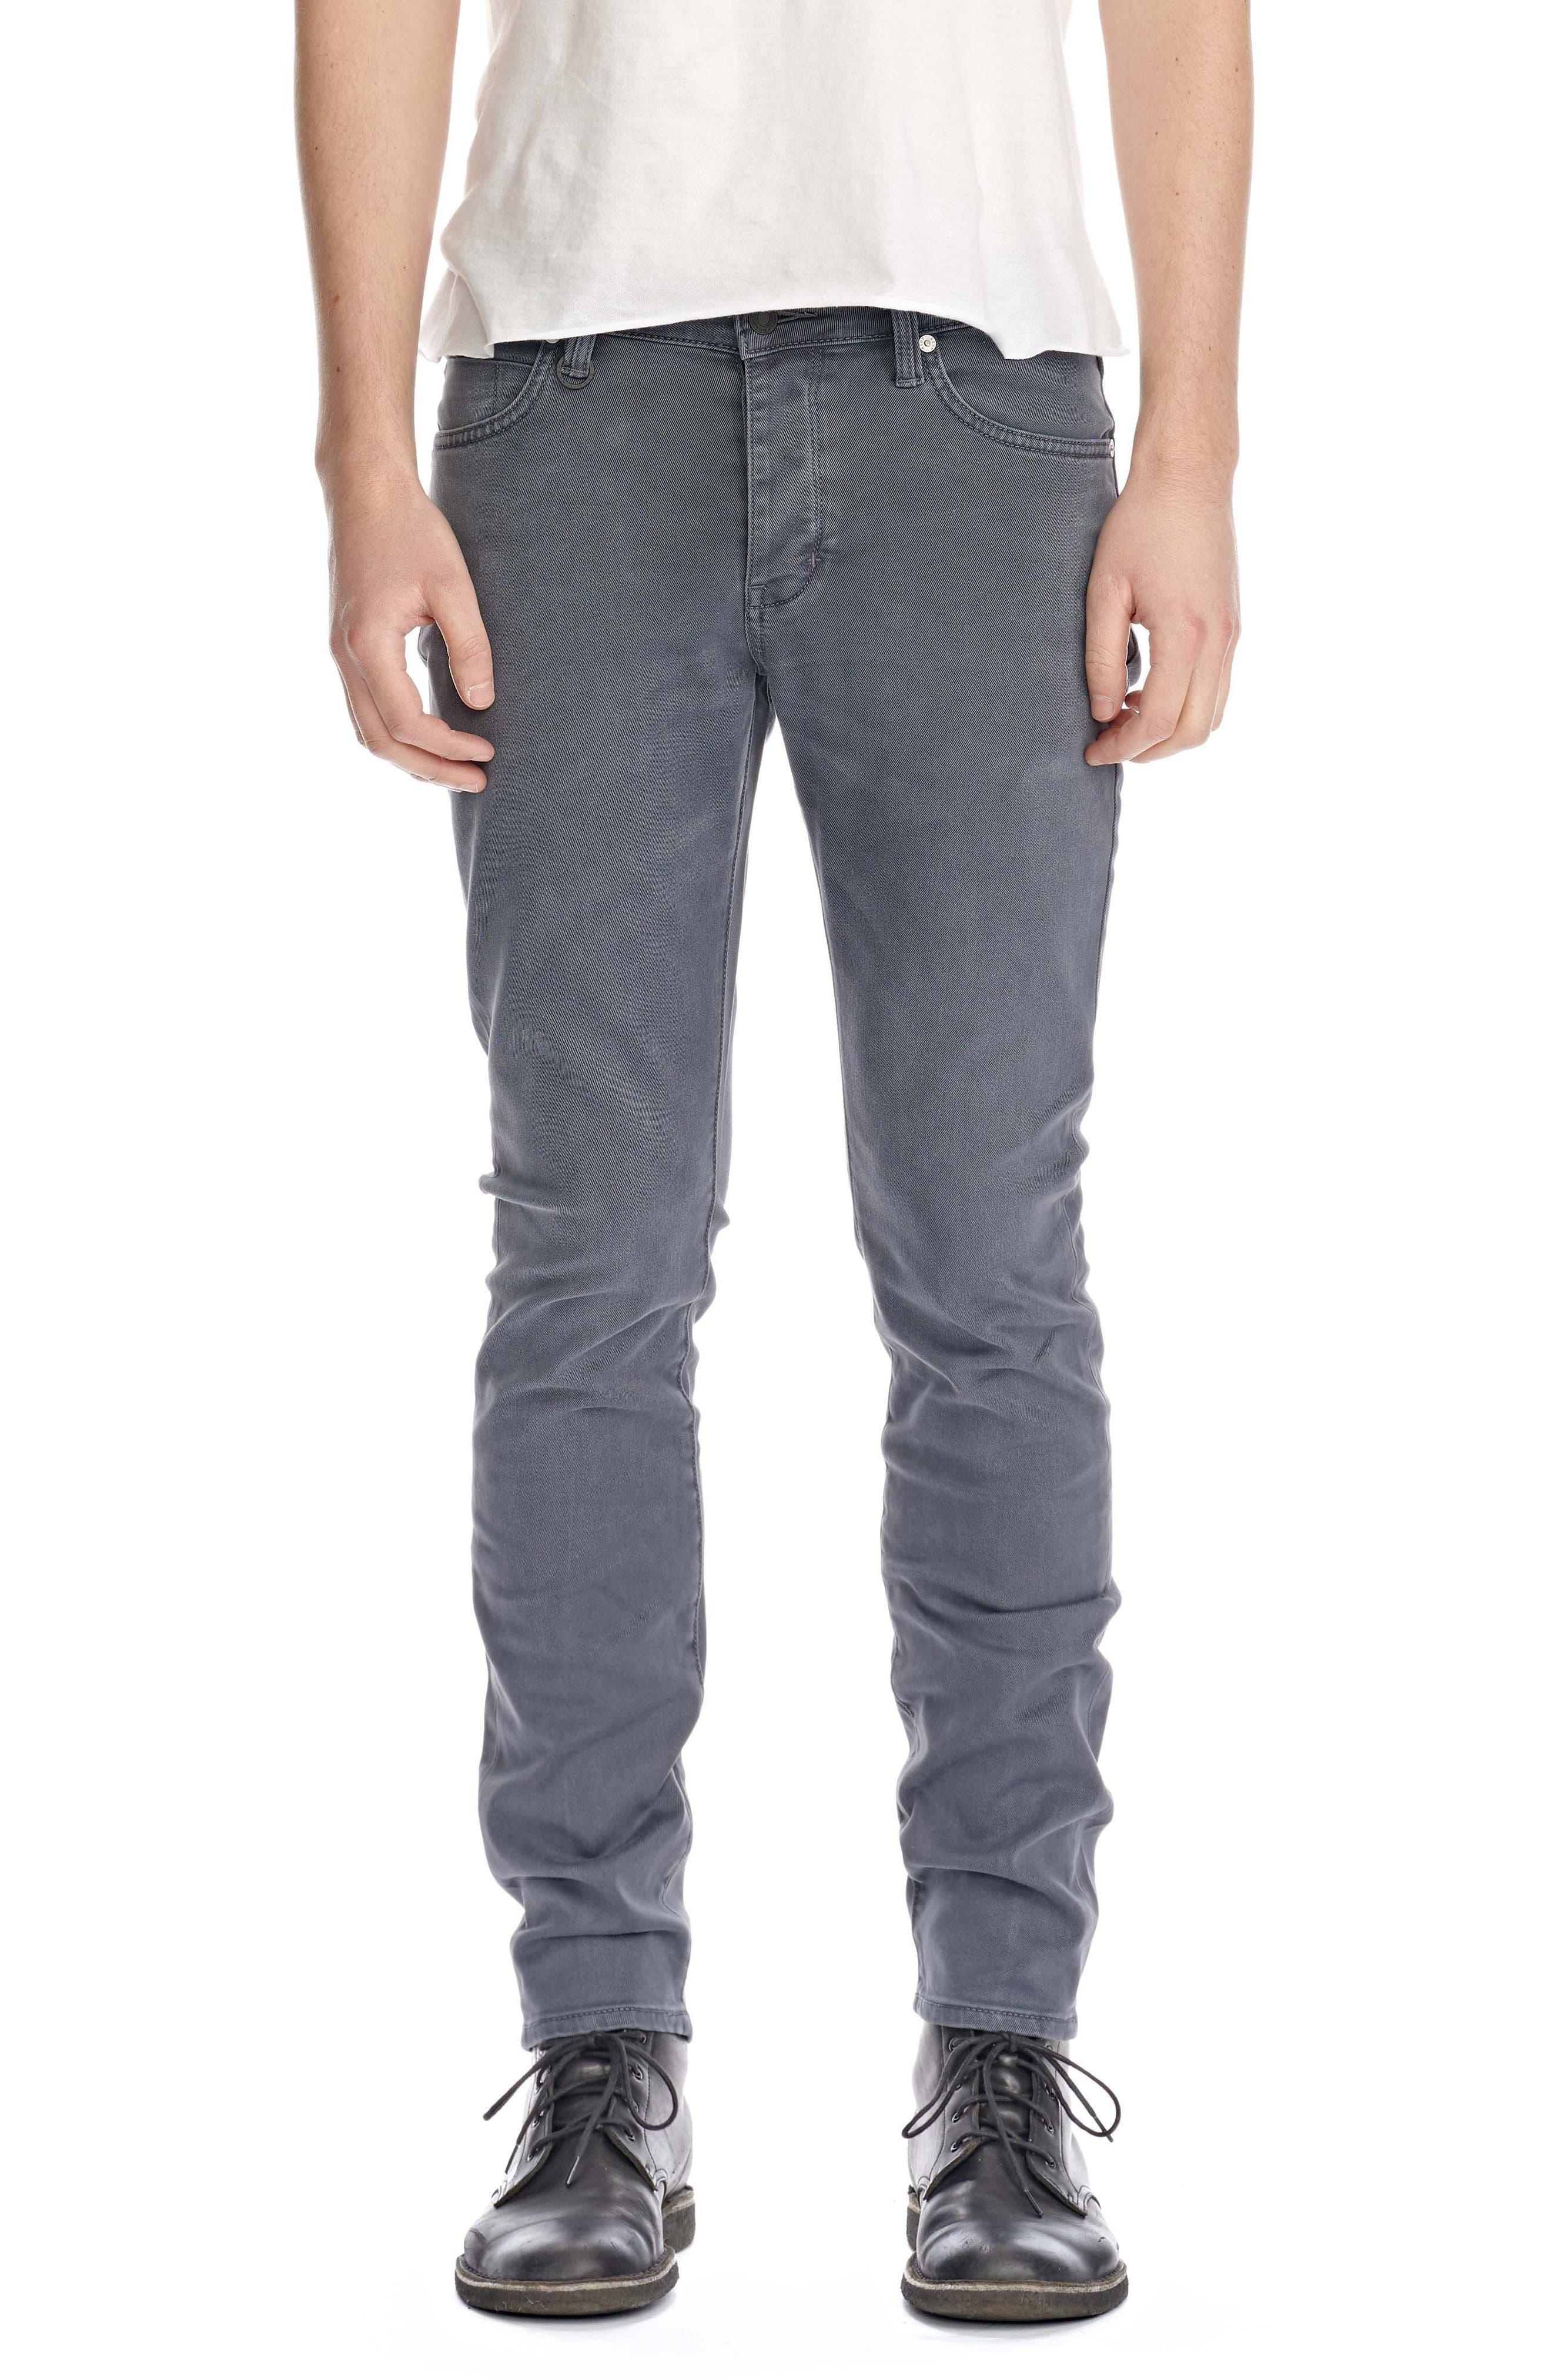 NEUW Iggy Skinny Fit Jeans (Isolation)